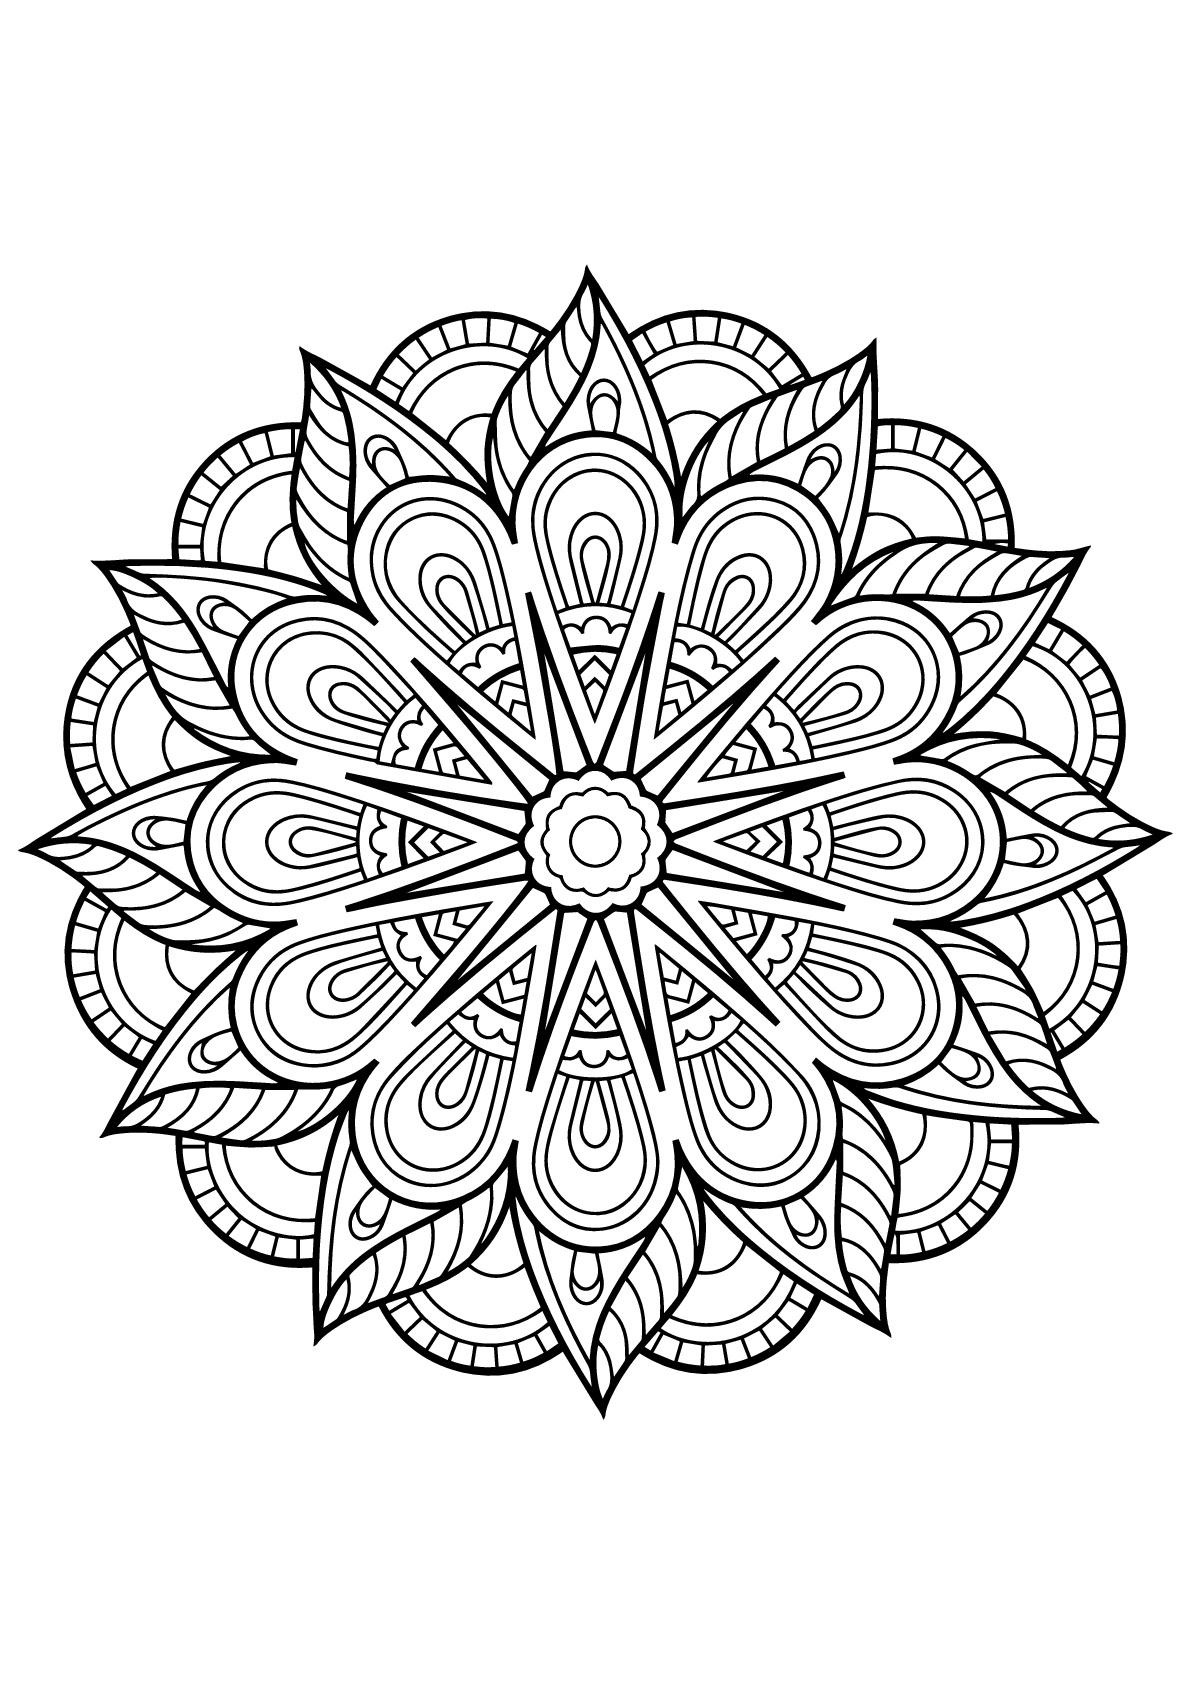 Mandala Livre Gratuit 1 - Mandalas - Coloriages Difficiles tout Livre Coloriage Adulte